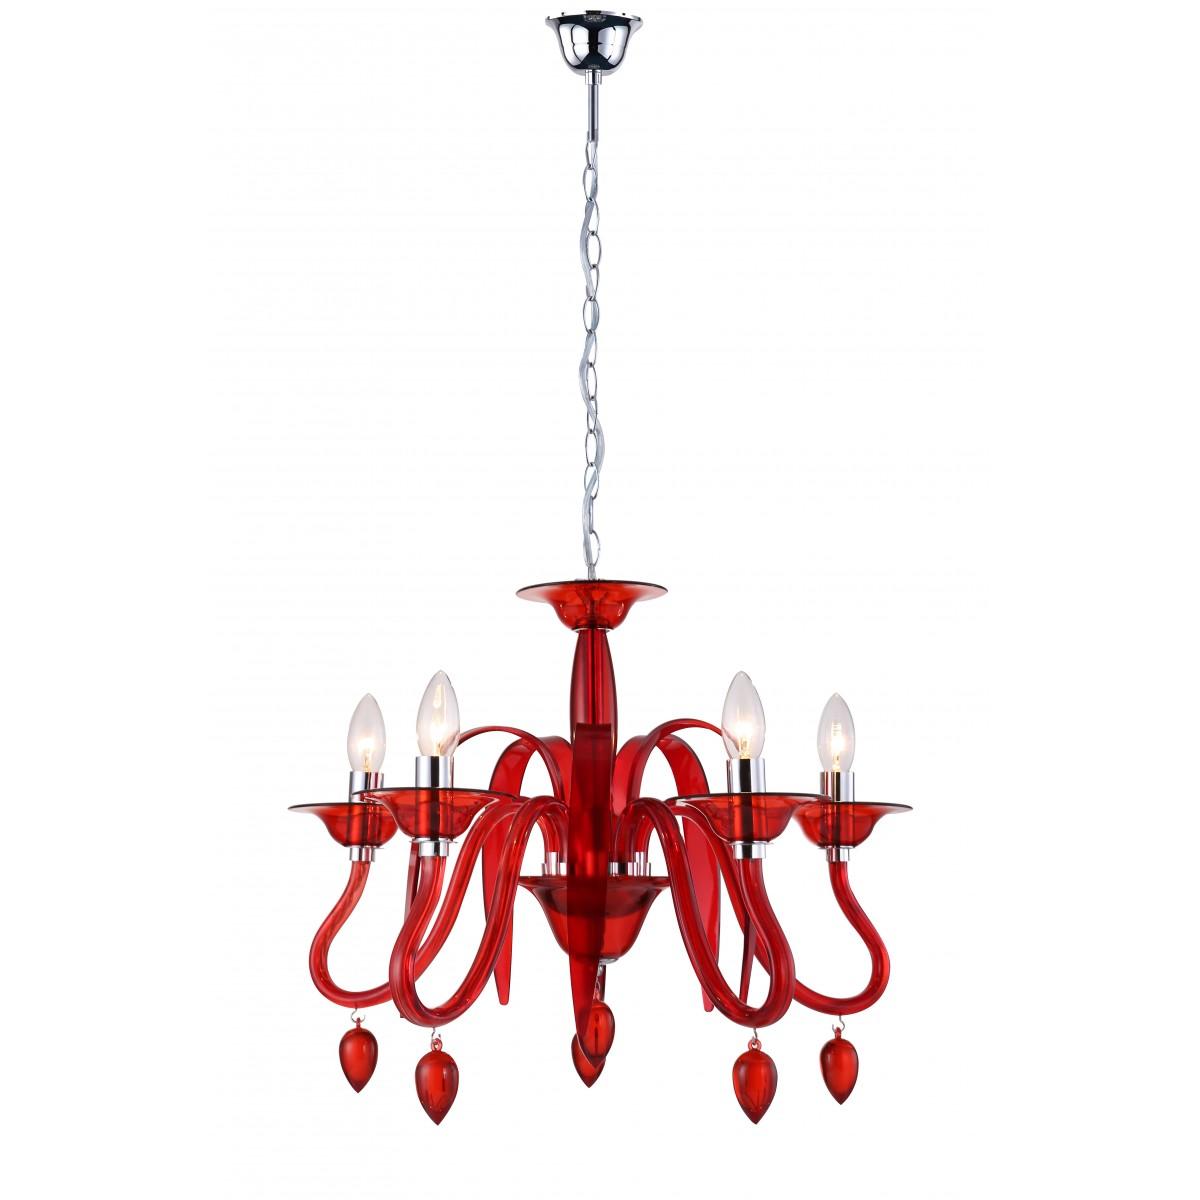 I-ESTEFAN-S5 RSO - Lampadario Acrilico Trasparente Rosso Pendagli Gocce Sospensione Moderna E14